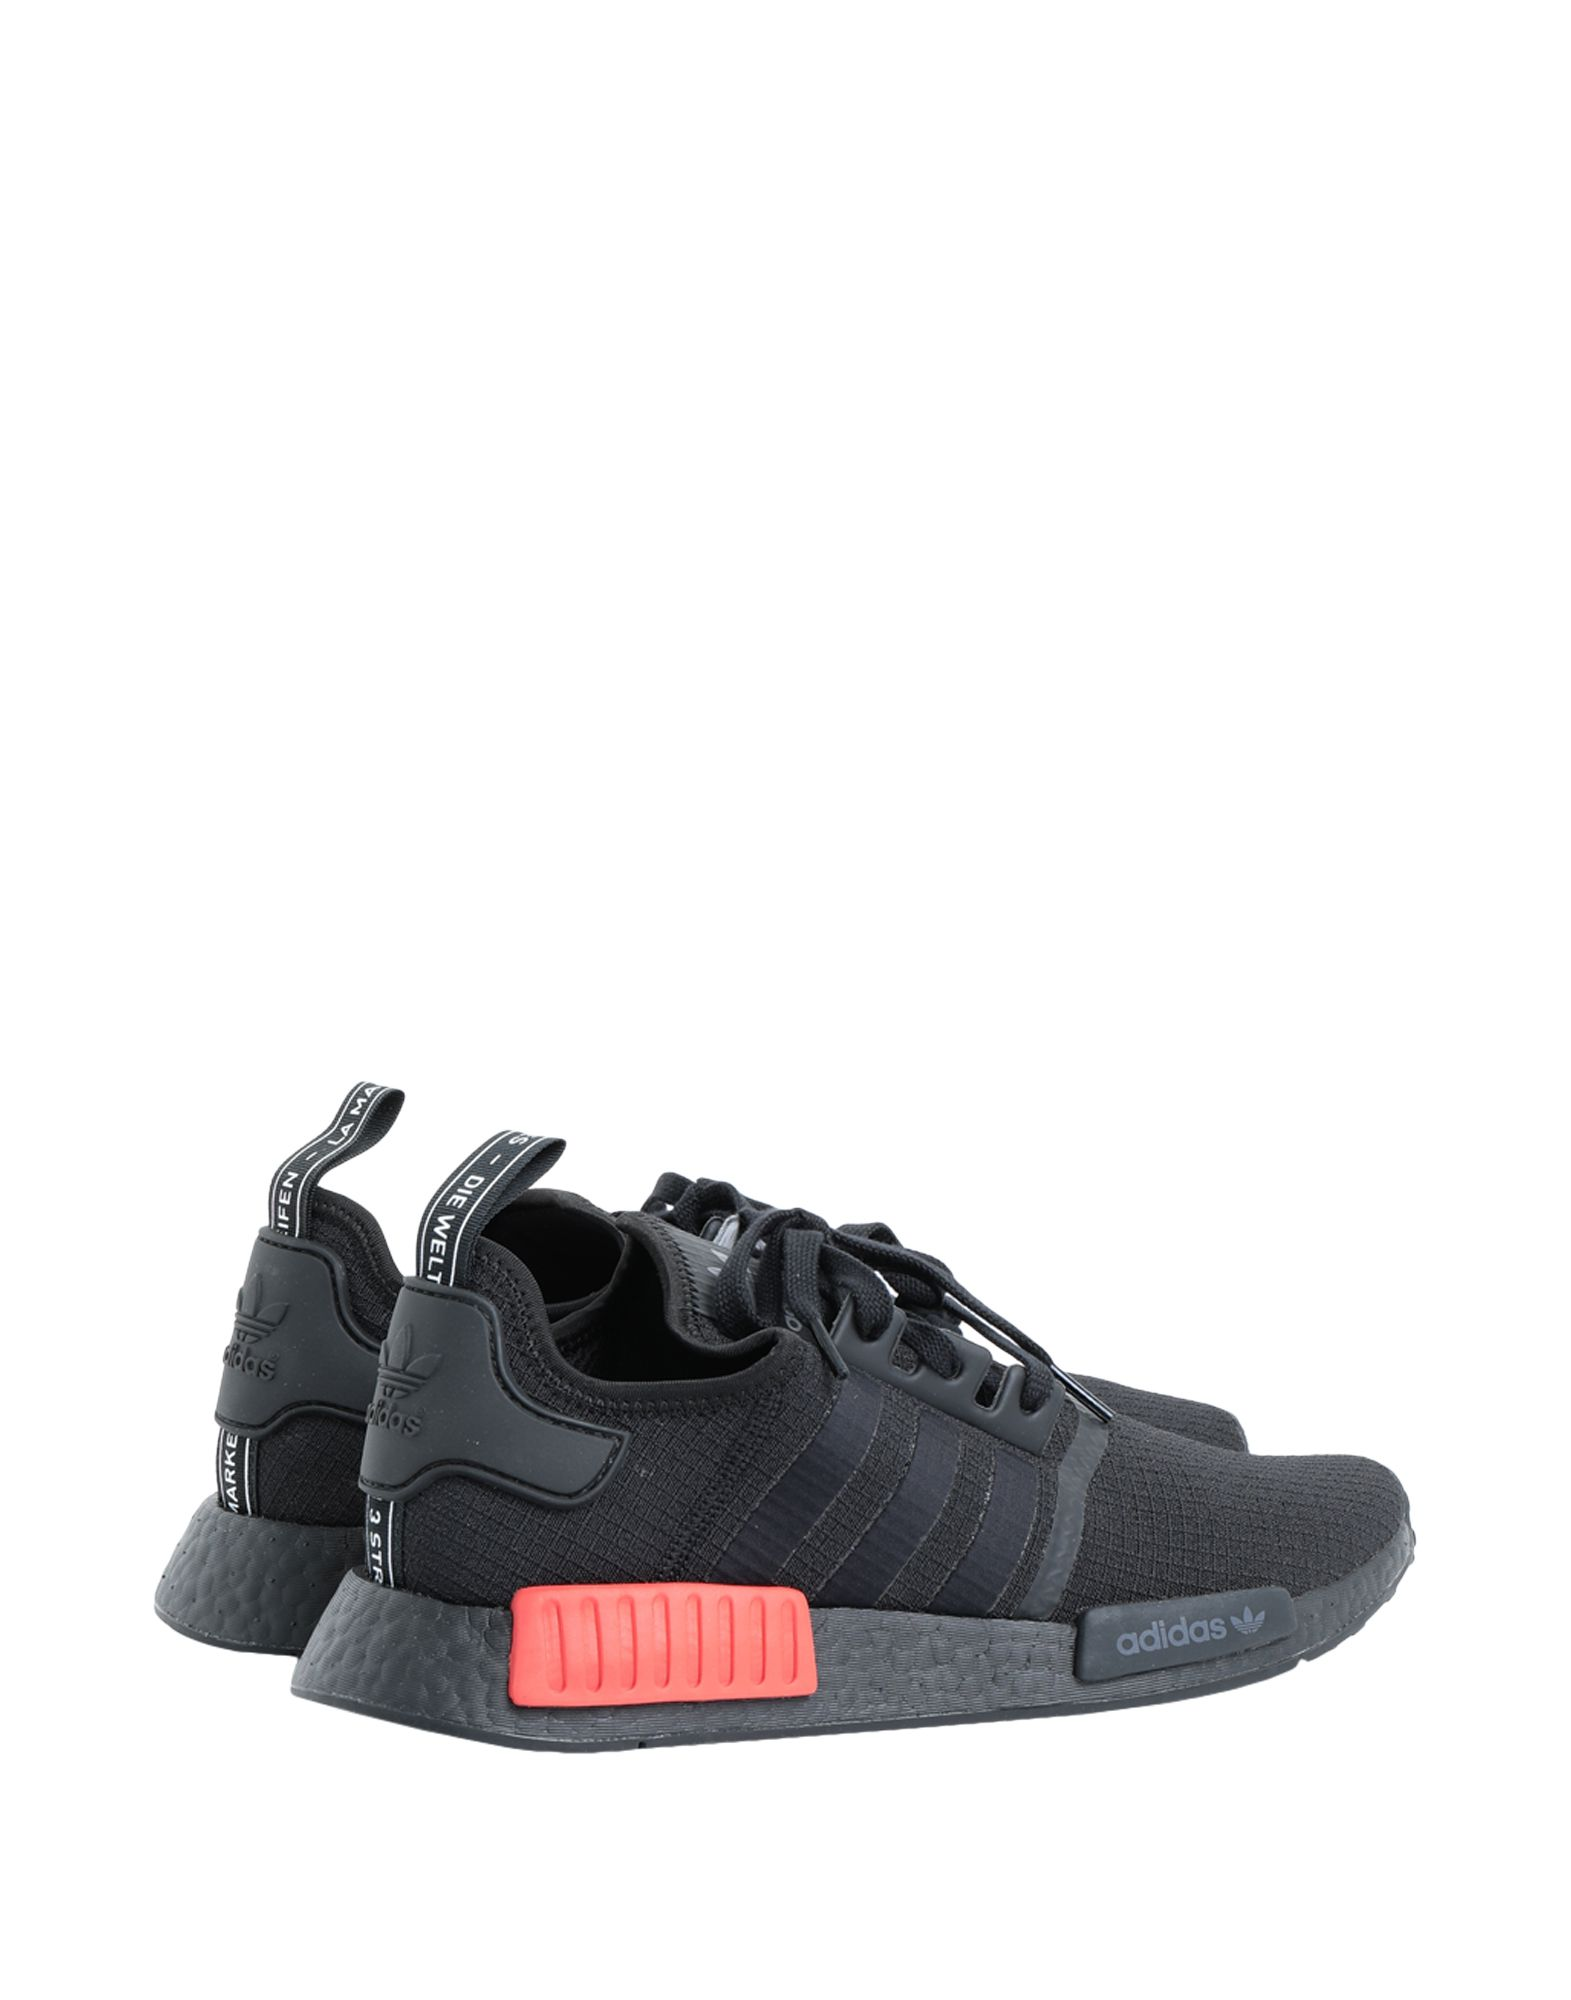 Adidas Originals Nmd R1  11565969BF 11565969BF 11565969BF Gute Qualität beliebte Schuhe 4504d9